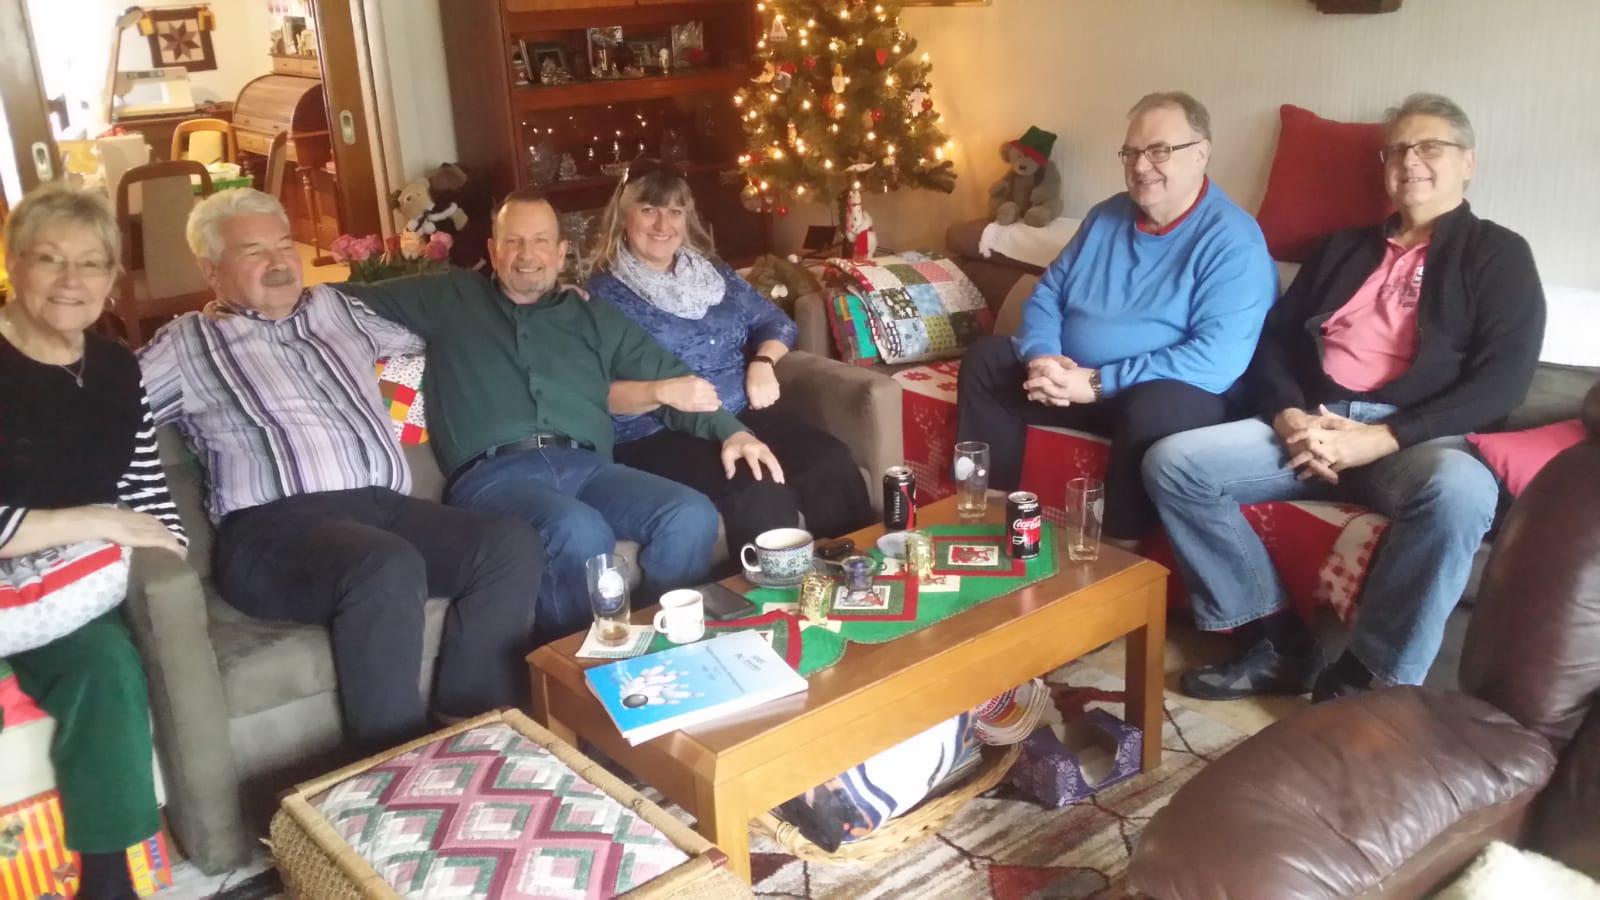 Larry Eccles mit Frau Sylvia zu Besuch bei Vern